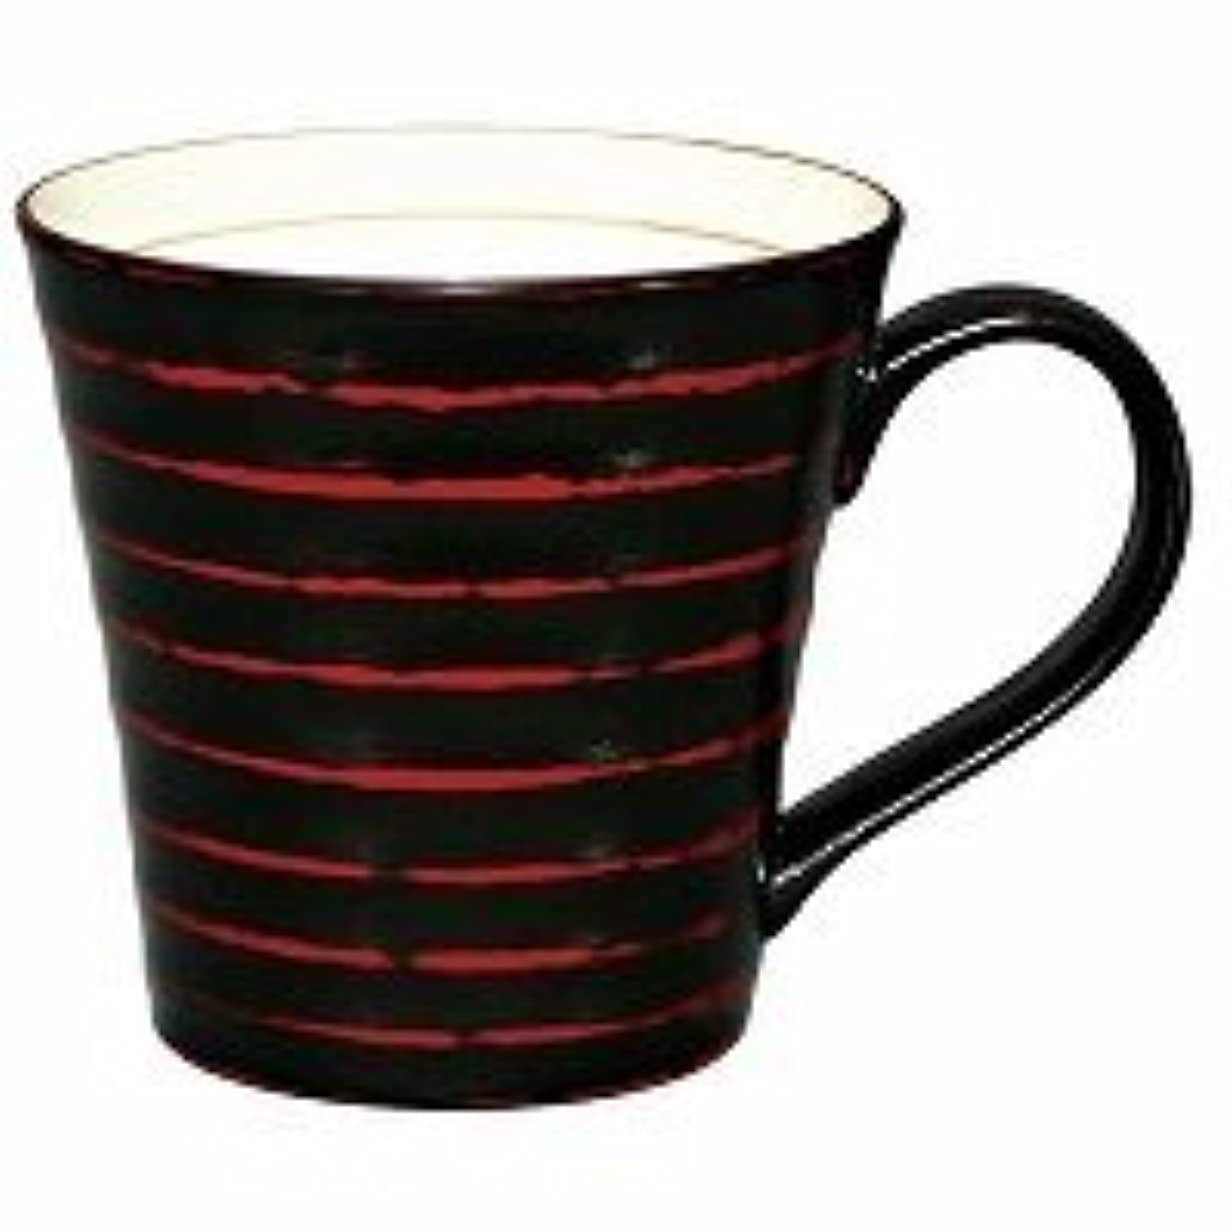 真実に秀でる空港(ビレロイ&ボッホ)Villeroy&Boch カフェクラブ フローラル コーンフラワー コーヒーカップ